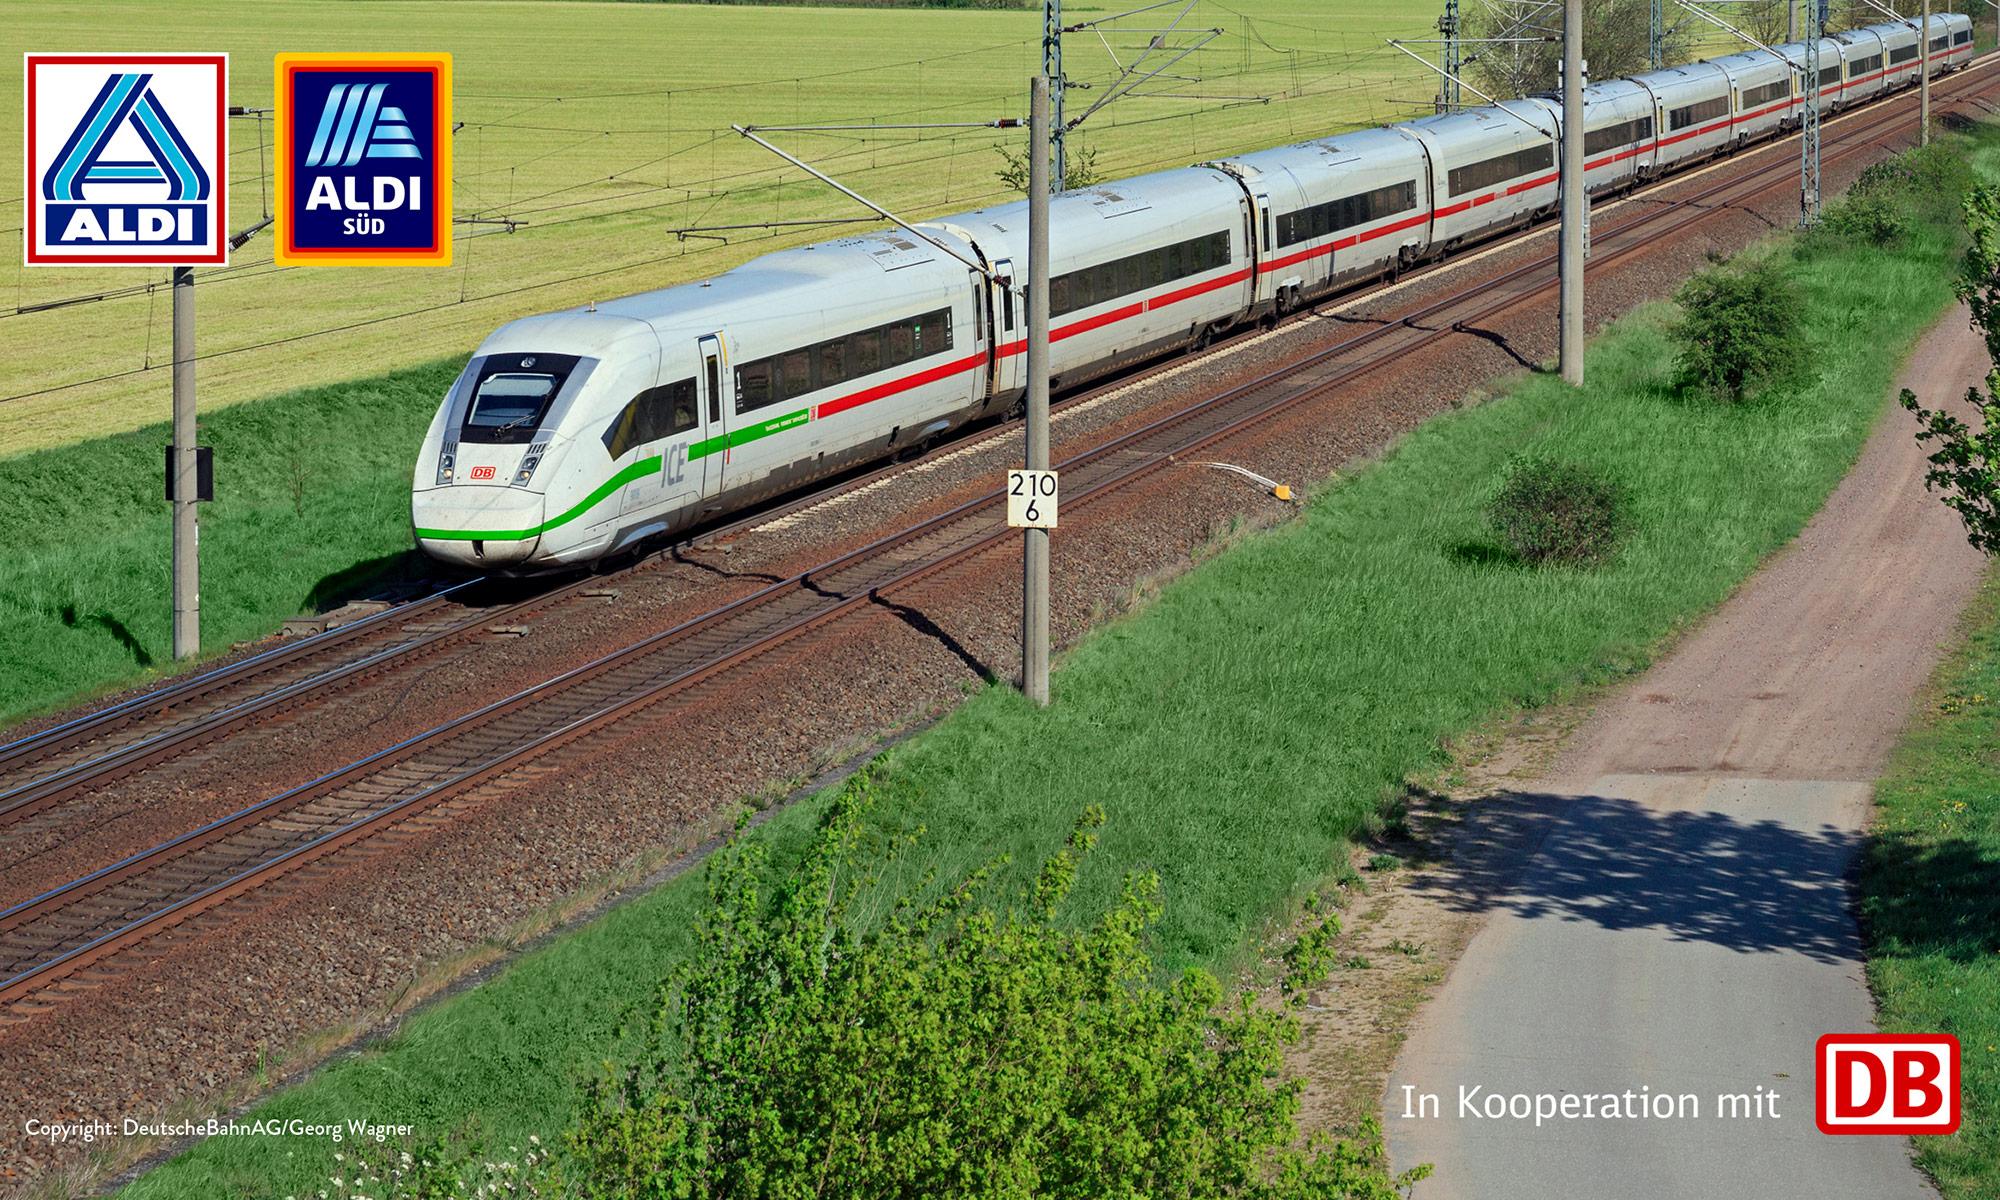 ALDI DB-Ticket